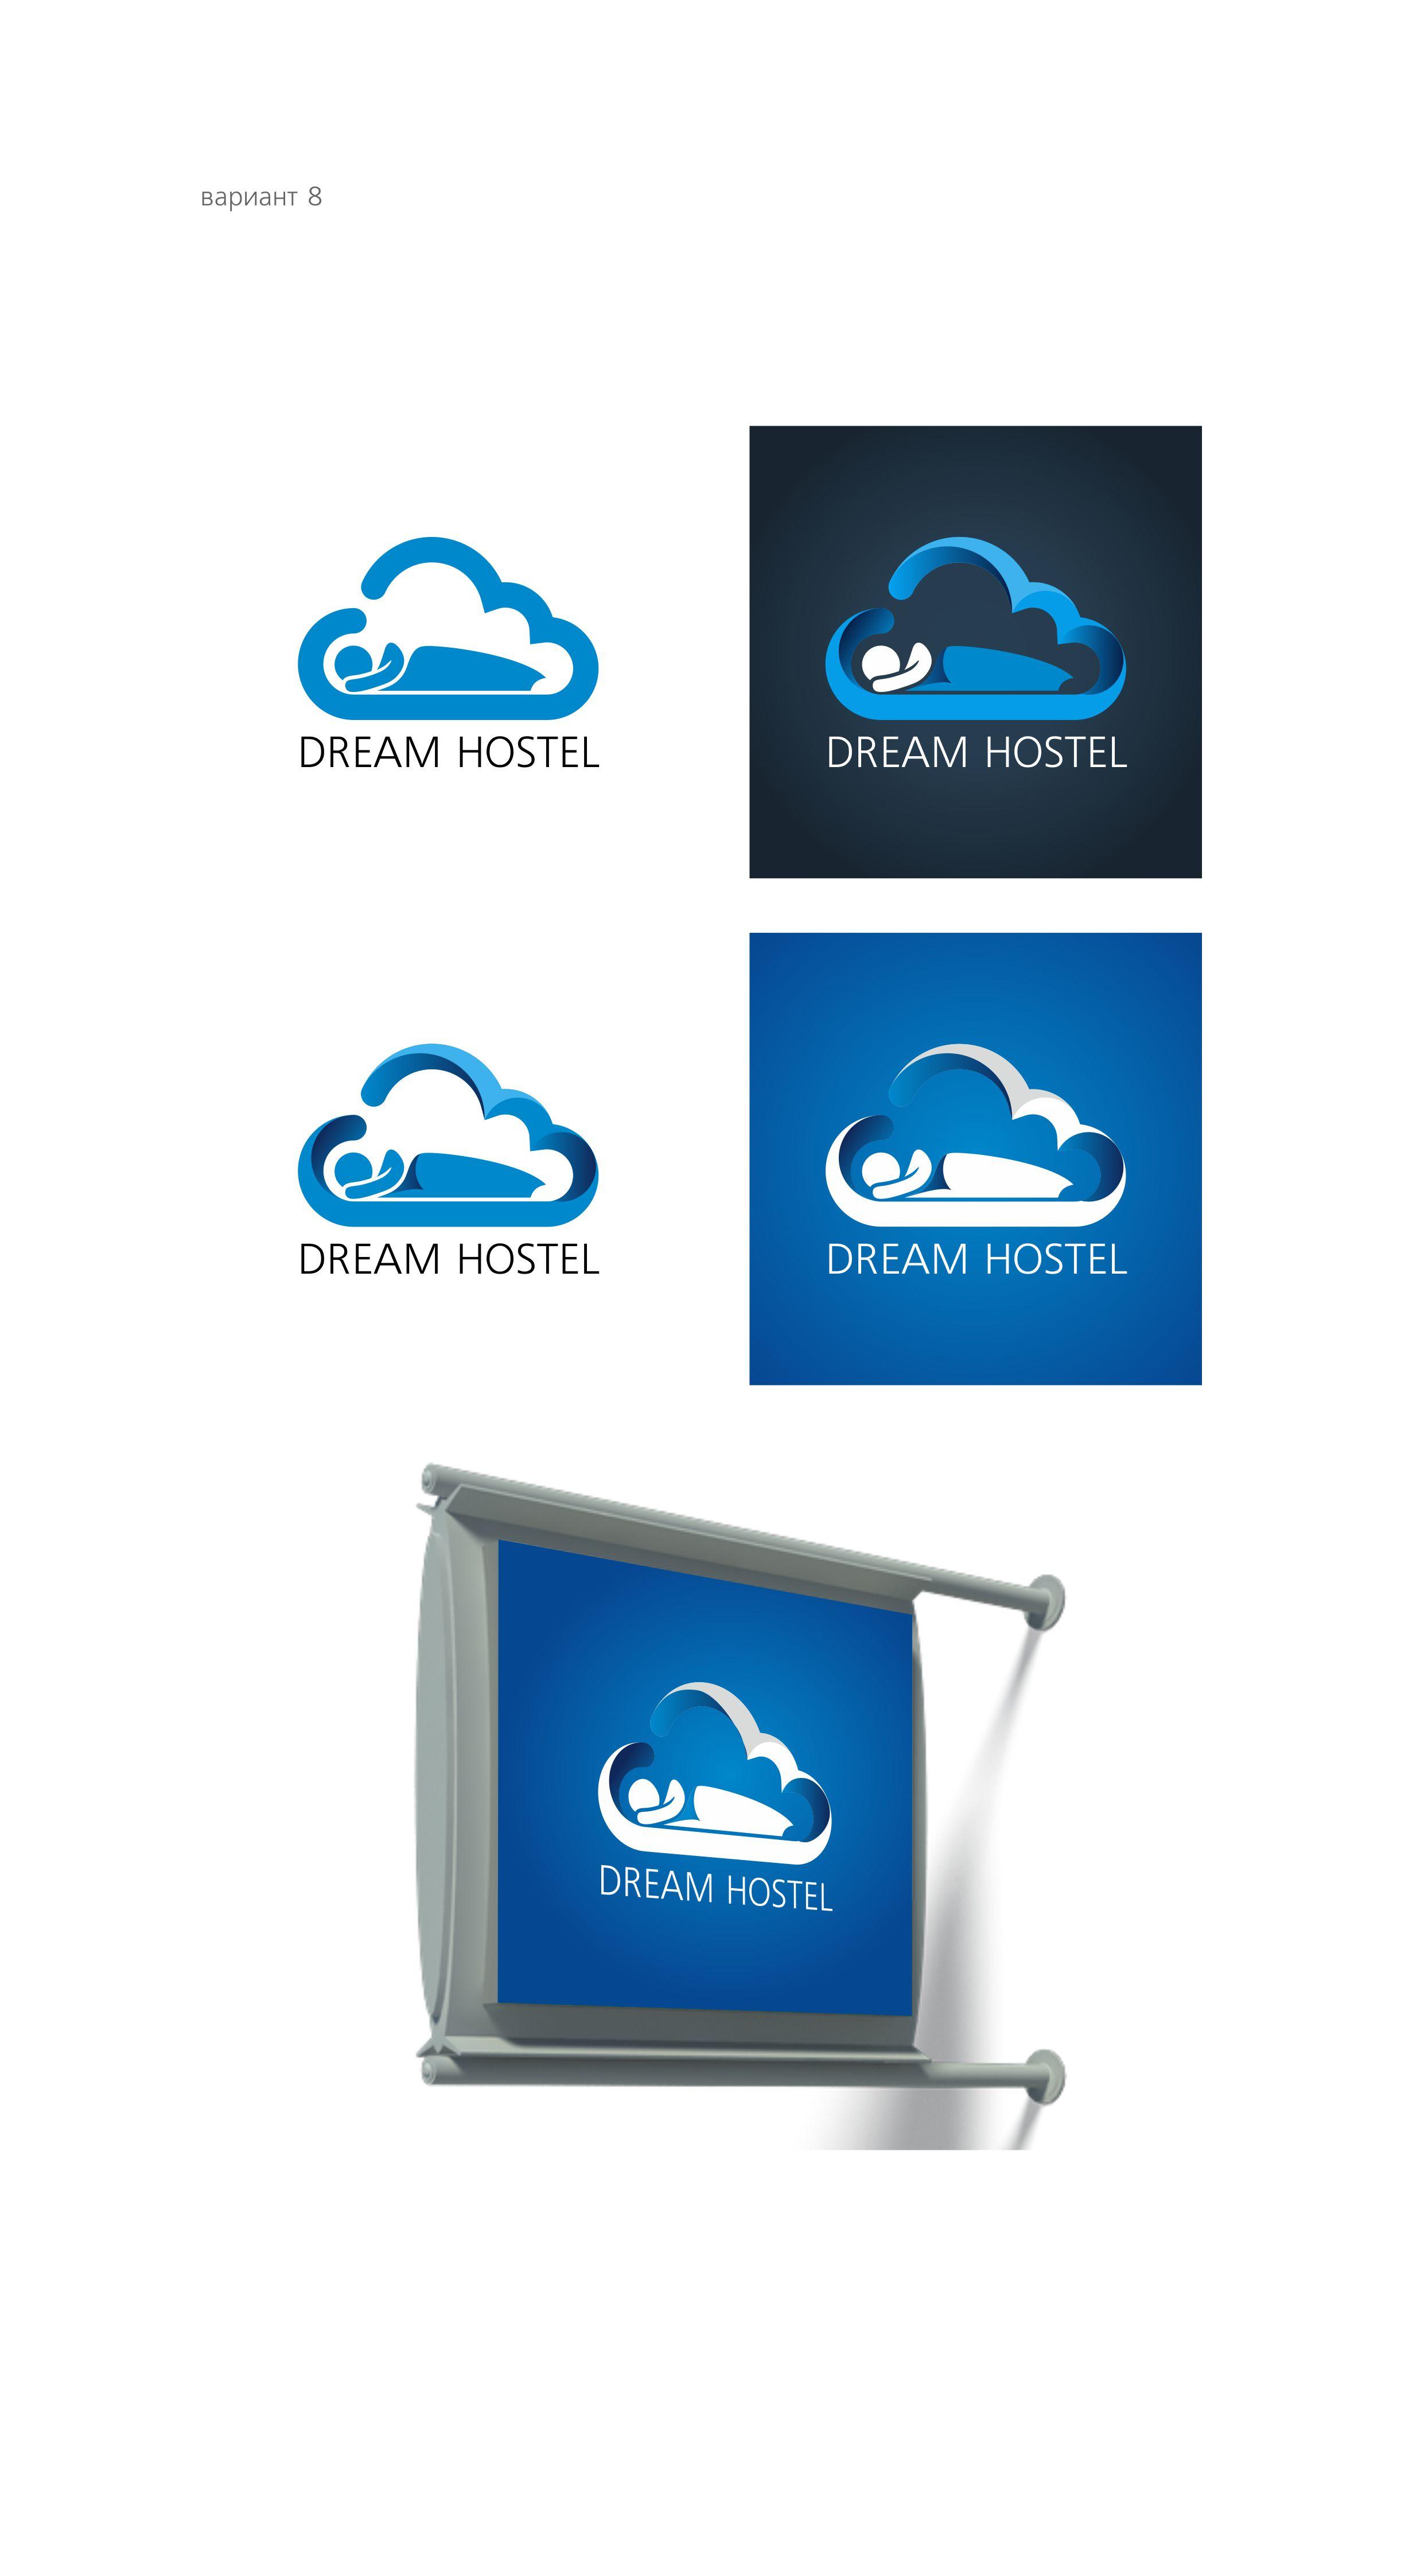 Нужна разработка логотипа, фирменного знака и фирменного сти фото f_1995477401524ae1.jpg